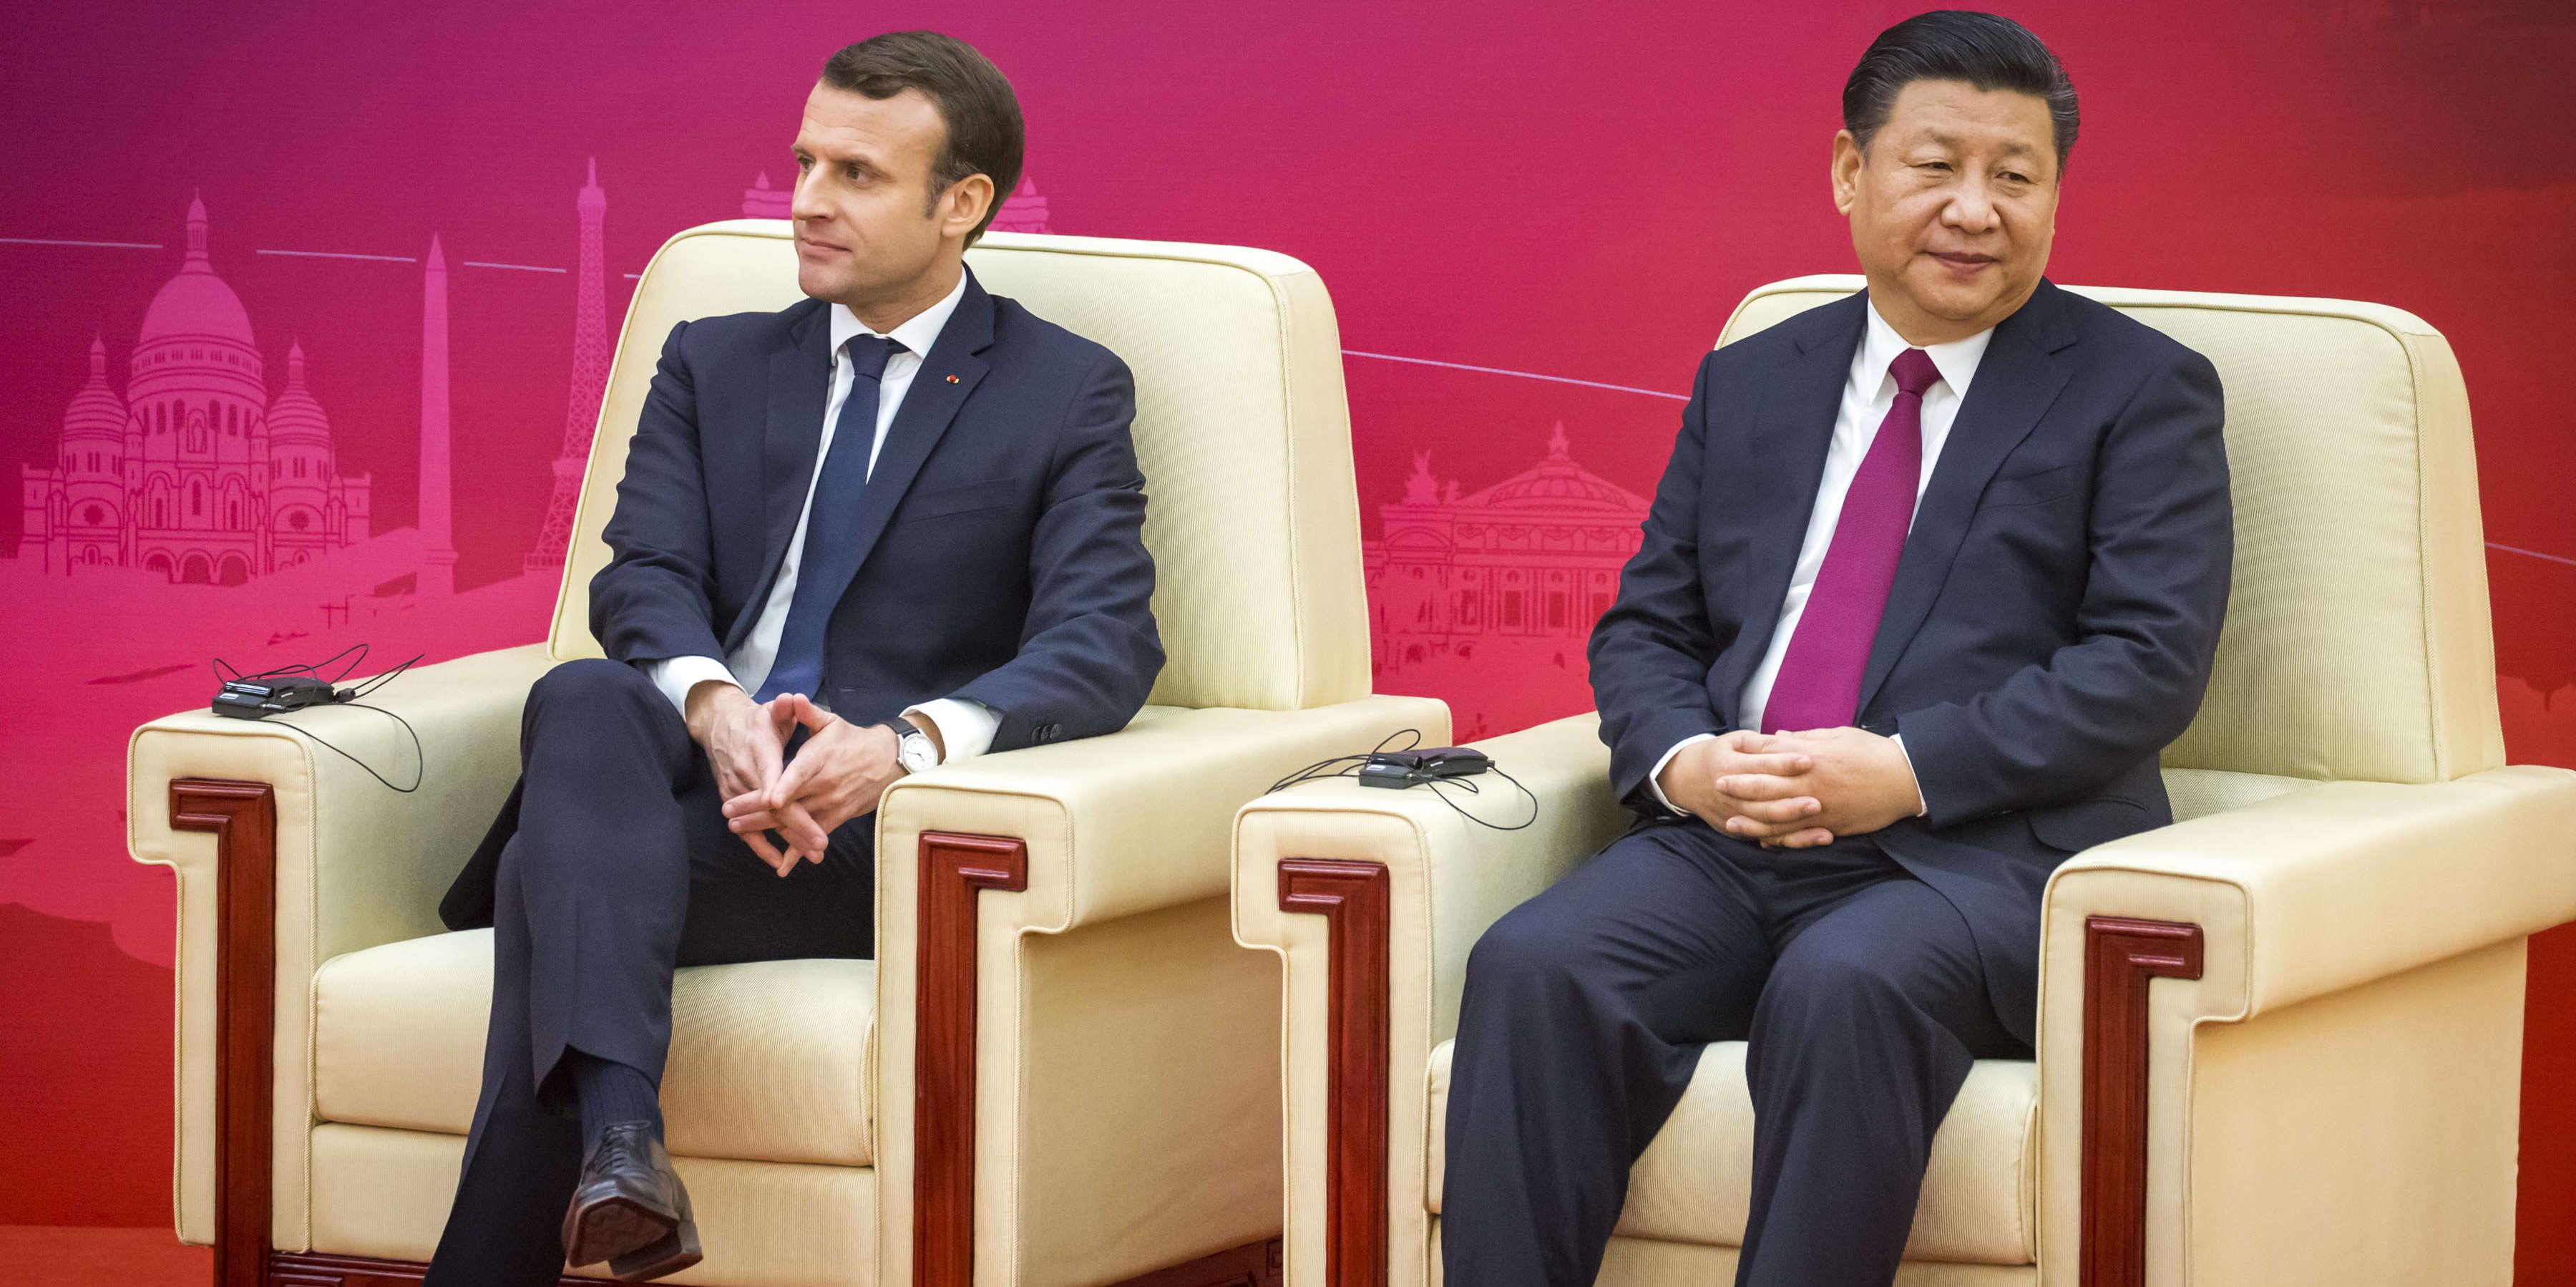 Emmanuel Macron et Xi Jinping, président de la République populaire de Chine, participent à la première réunion du Conseil d'entreprises franco-chinois au Grand Palais du peuple à Pékin, mardi 9 janvier 2018.